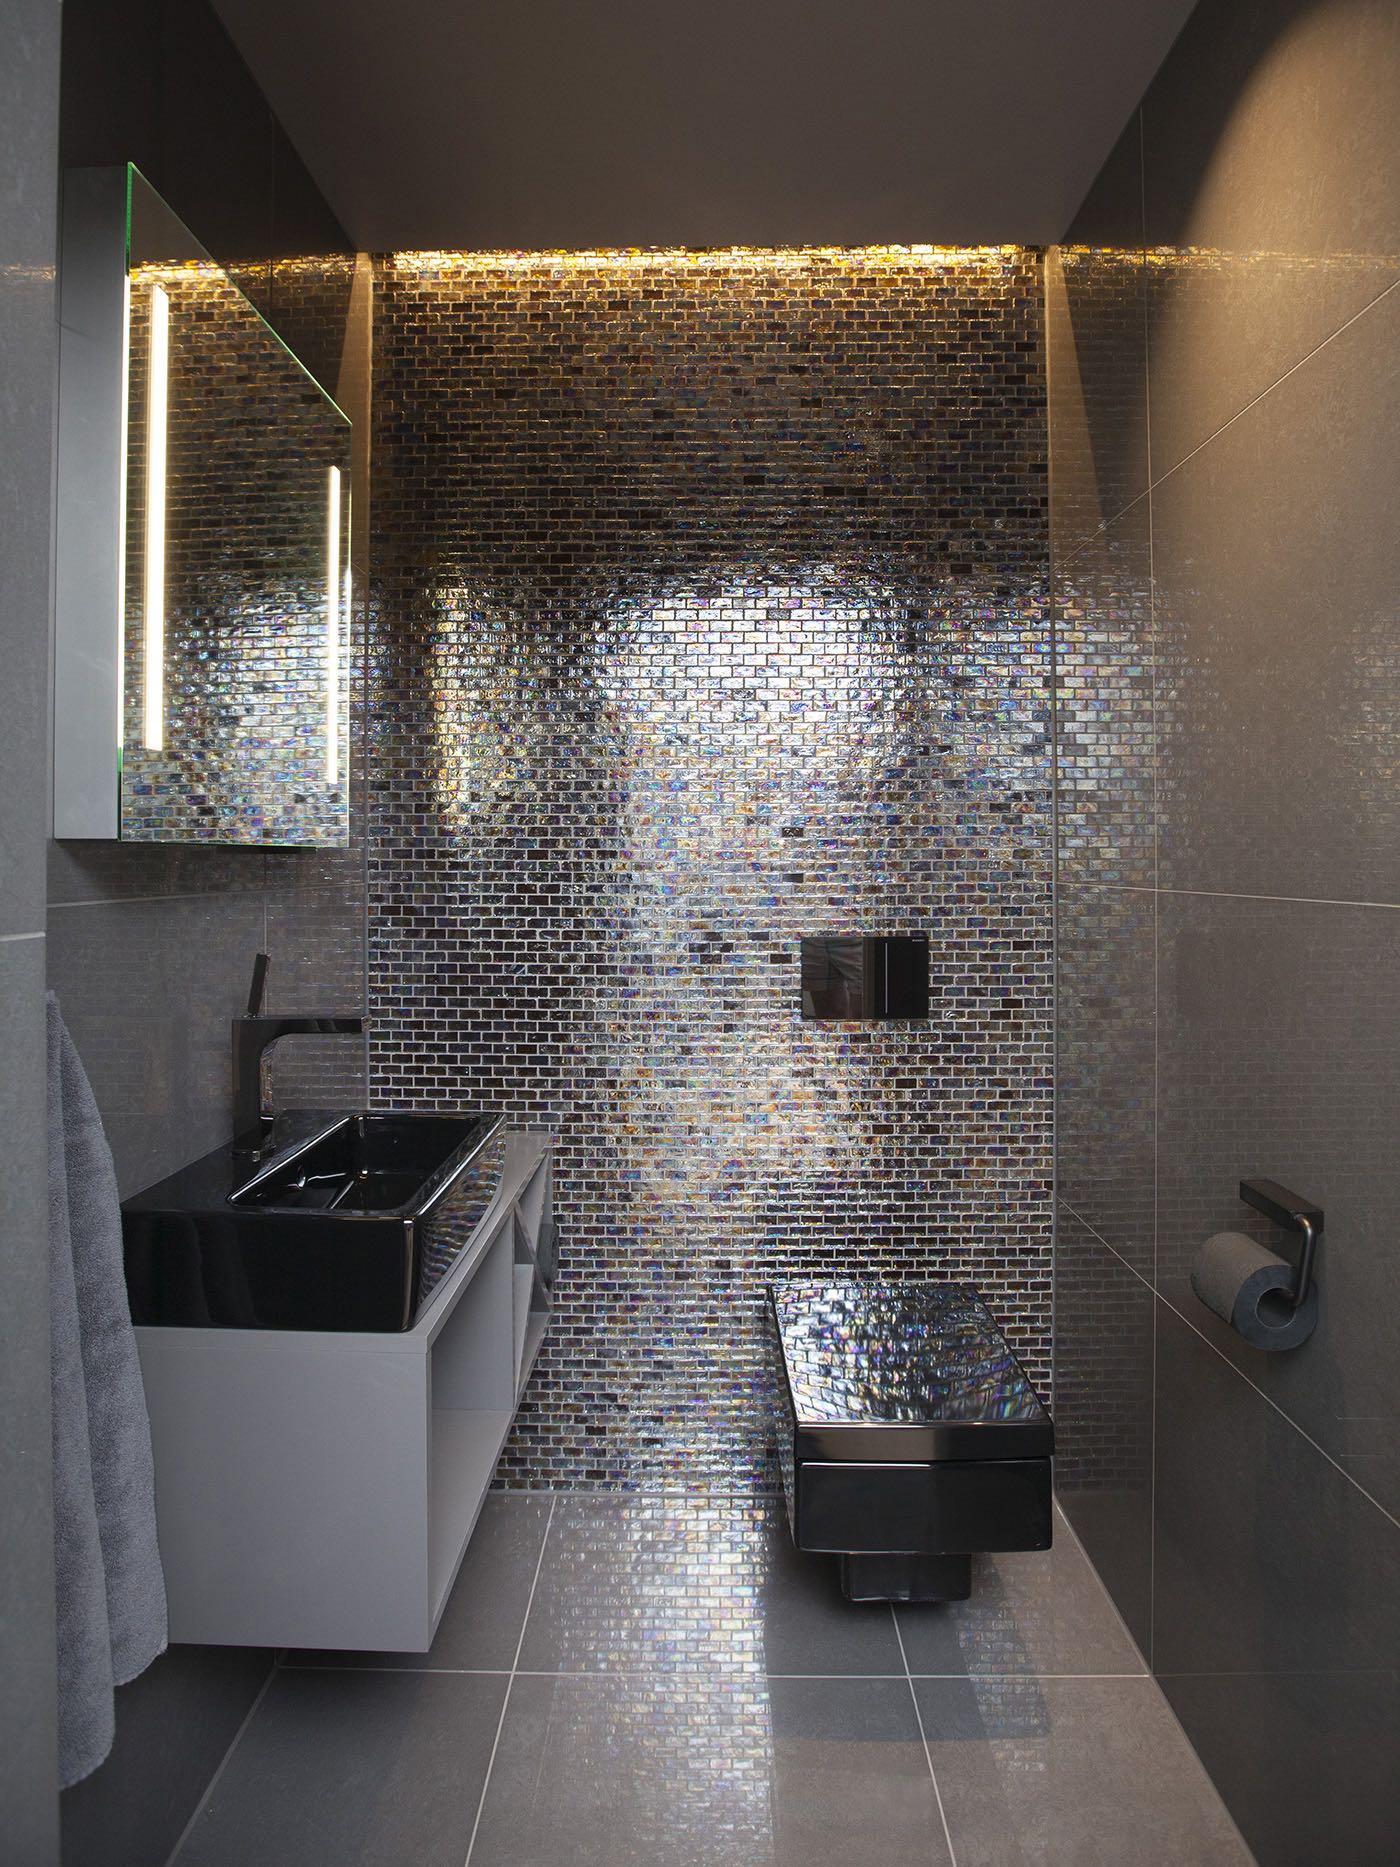 Mørke fliser og møbler ga et spesielt toalett i første etasje